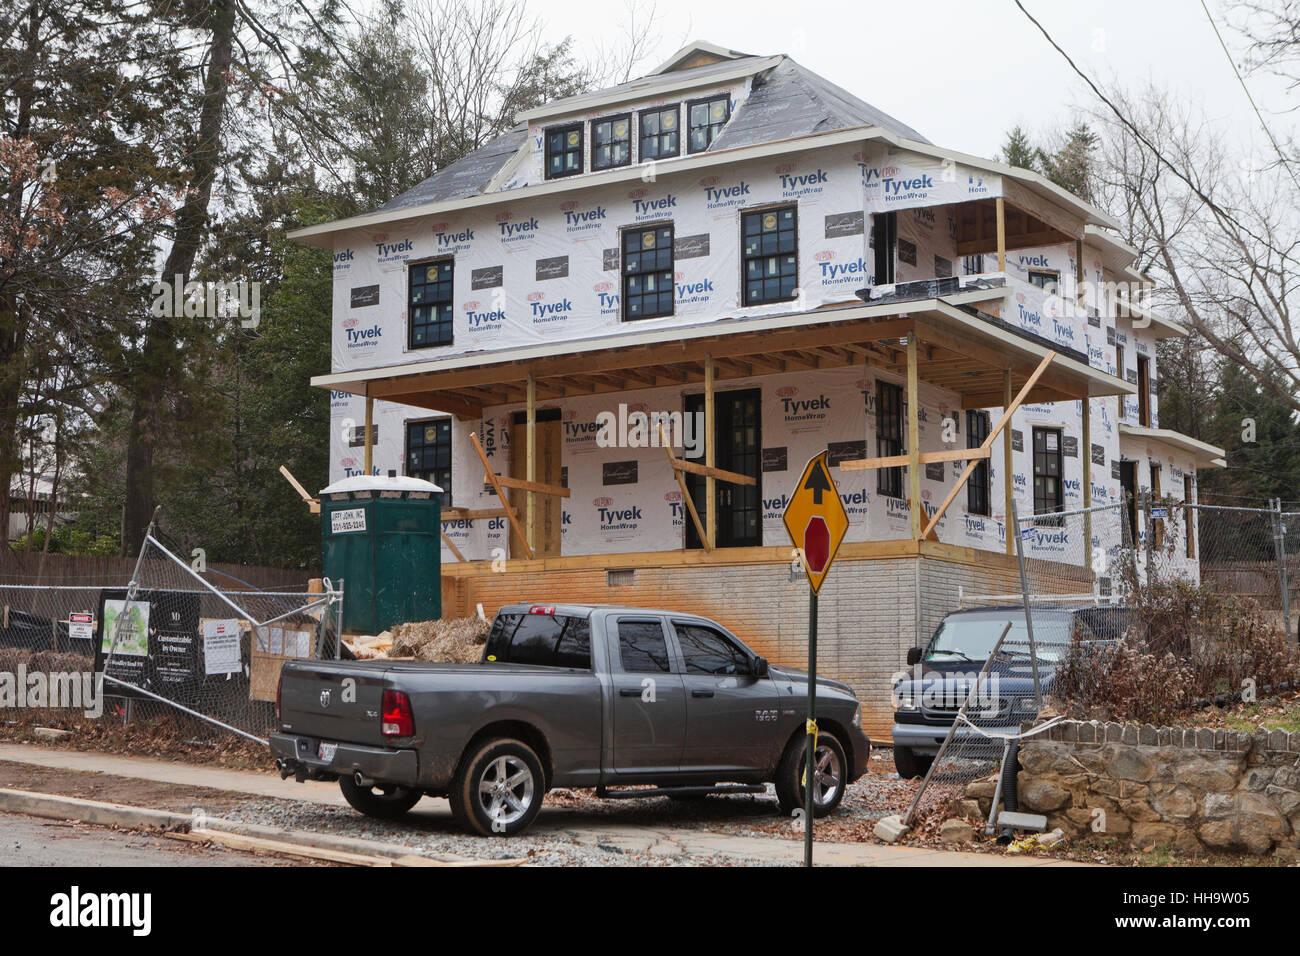 Large detached single-family house under construction - Washington, DC USA - Stock Image